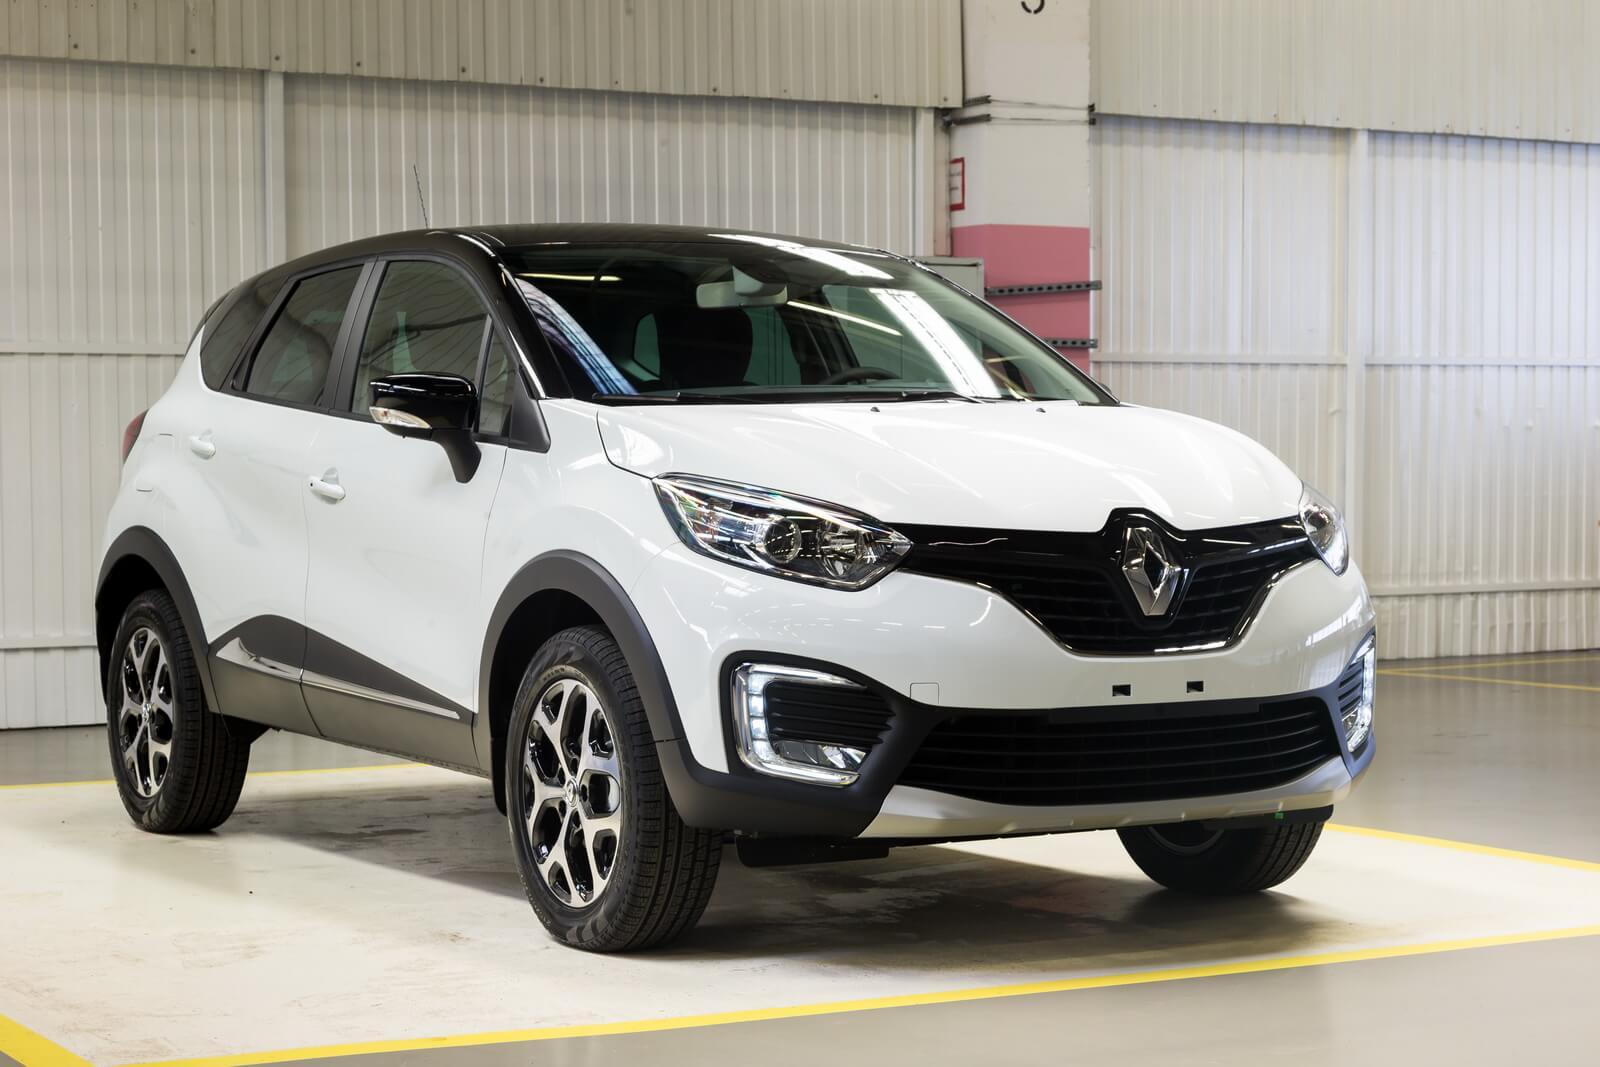 Renault Captur 2019 — комплектации, цены, фото и характеристики